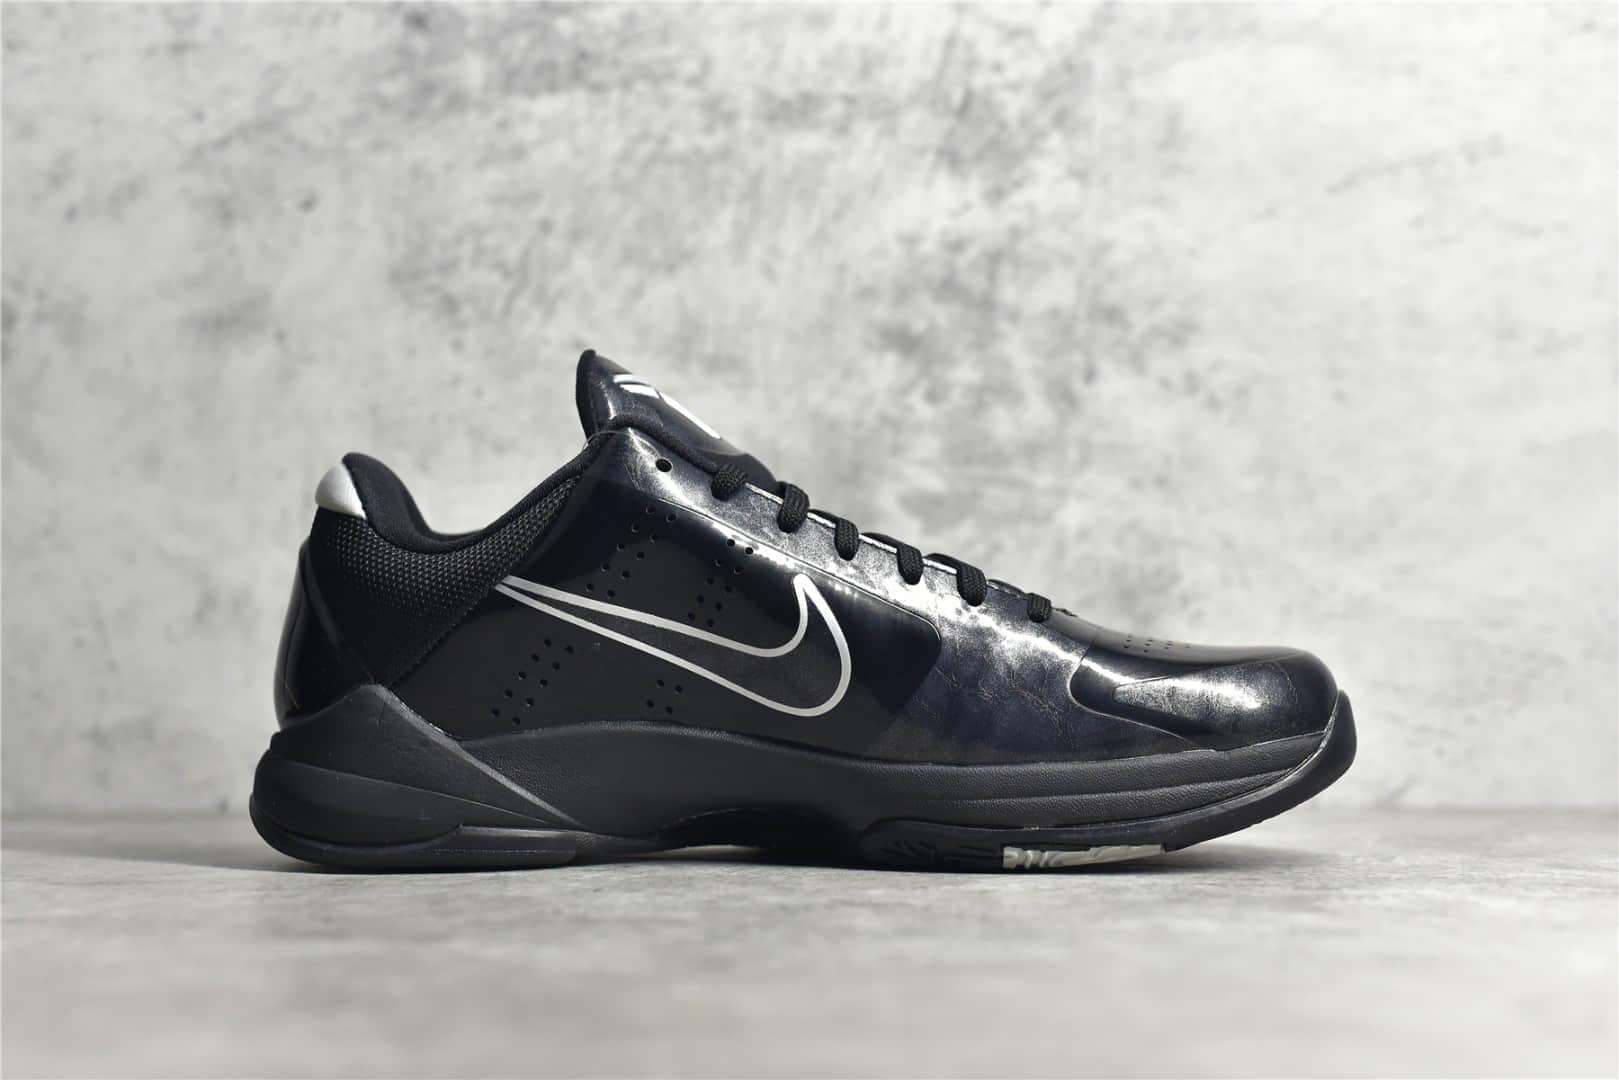 耐克科比5黑武士实战球鞋 NIKE KOBE 5 BLACK OUT 莆田耐克科比球鞋复刻 真碳缓震球鞋 货号:386429-003-潮流者之家